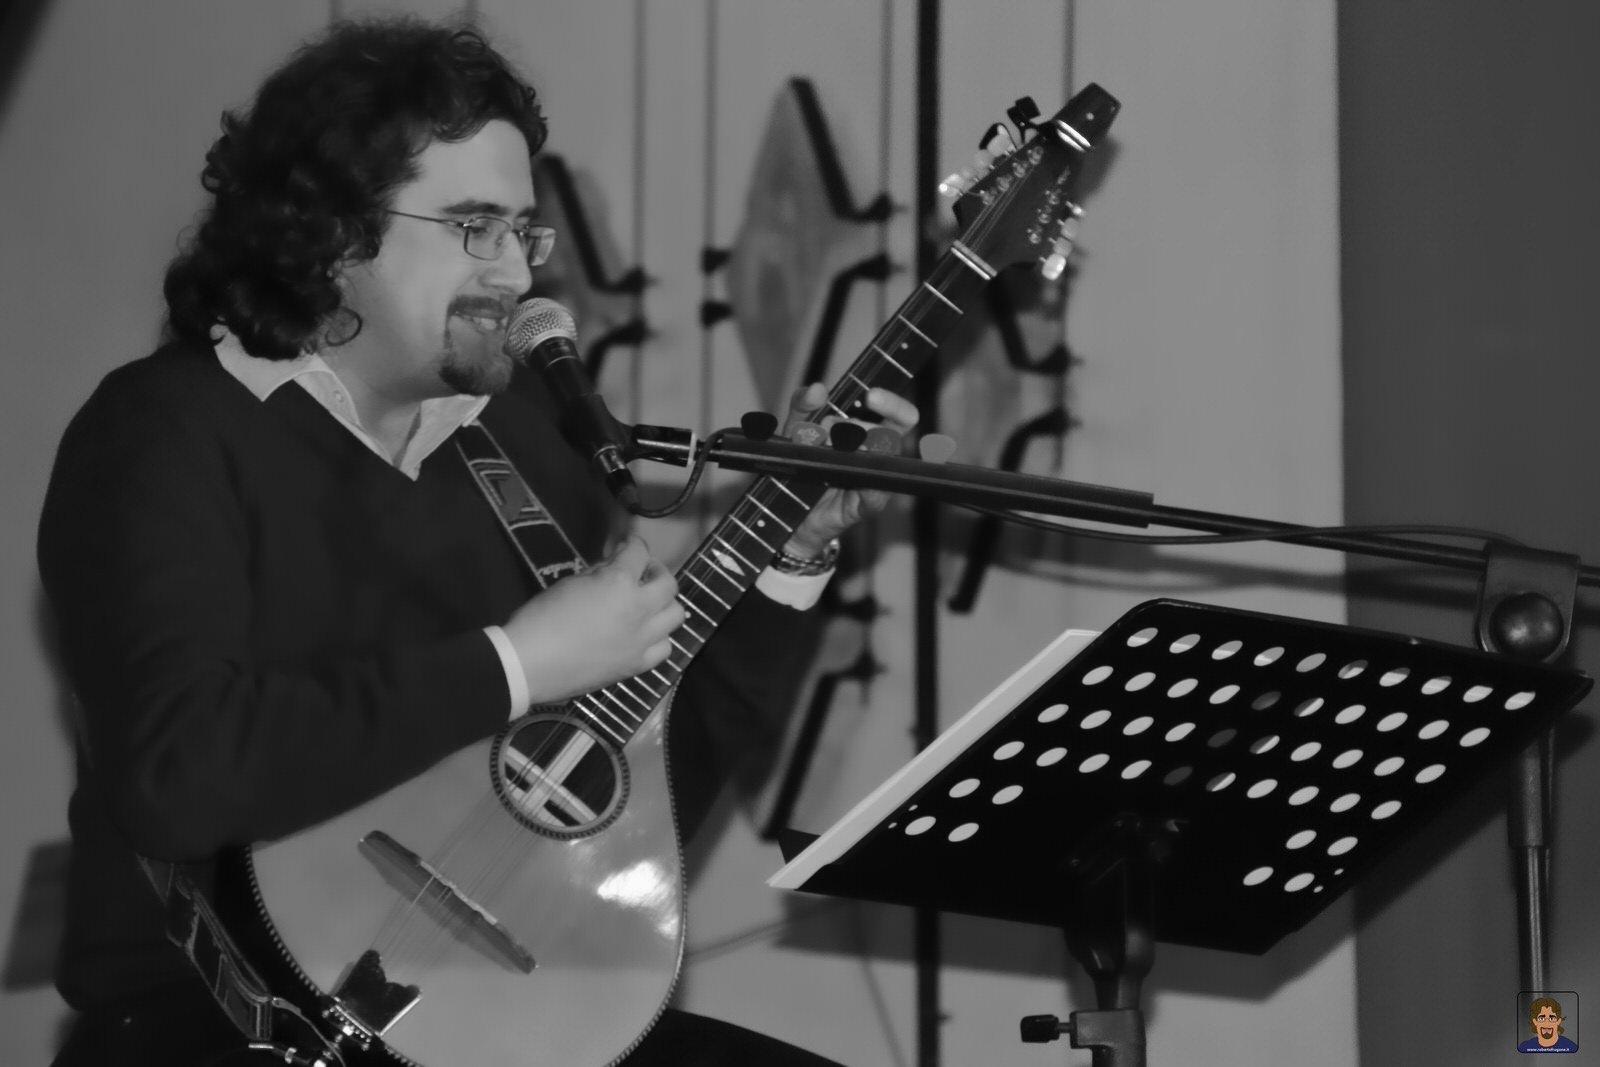 Roberto Frugone cantautore live concerto acustico bouzouki Genova Museo Sant'Agostino